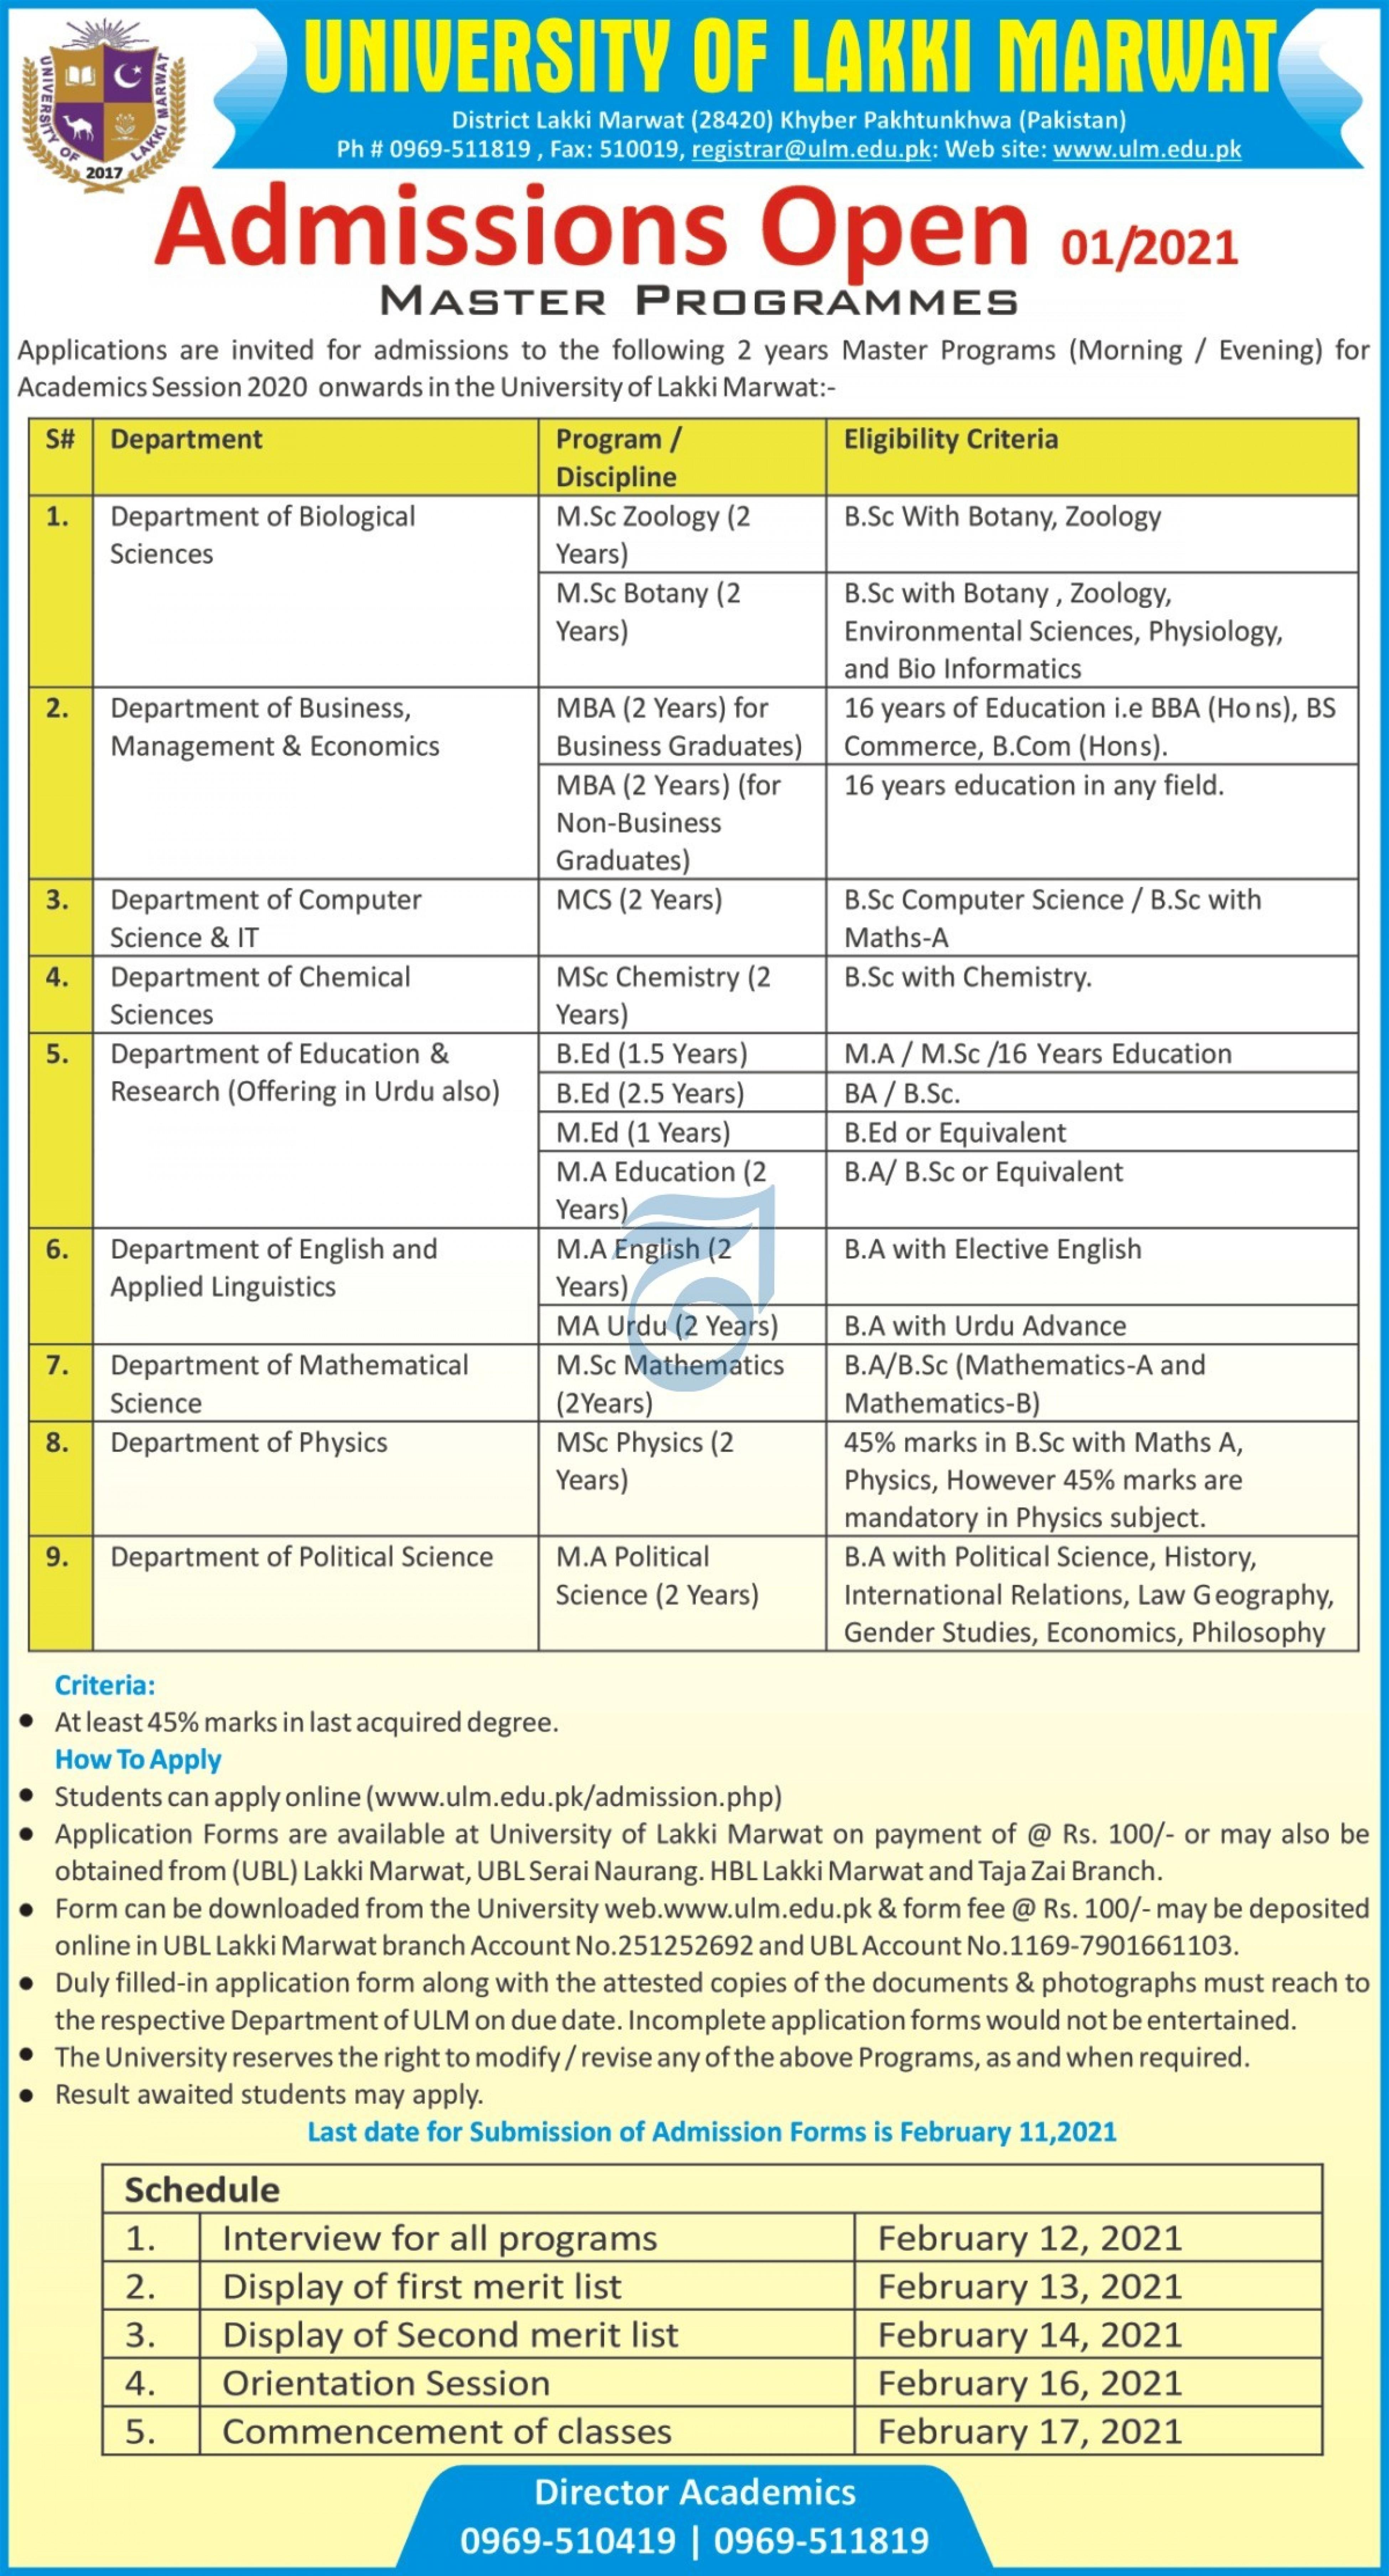 University of Lakki Marwat Master Level Admission 2021 (MA, MSc, BEd)